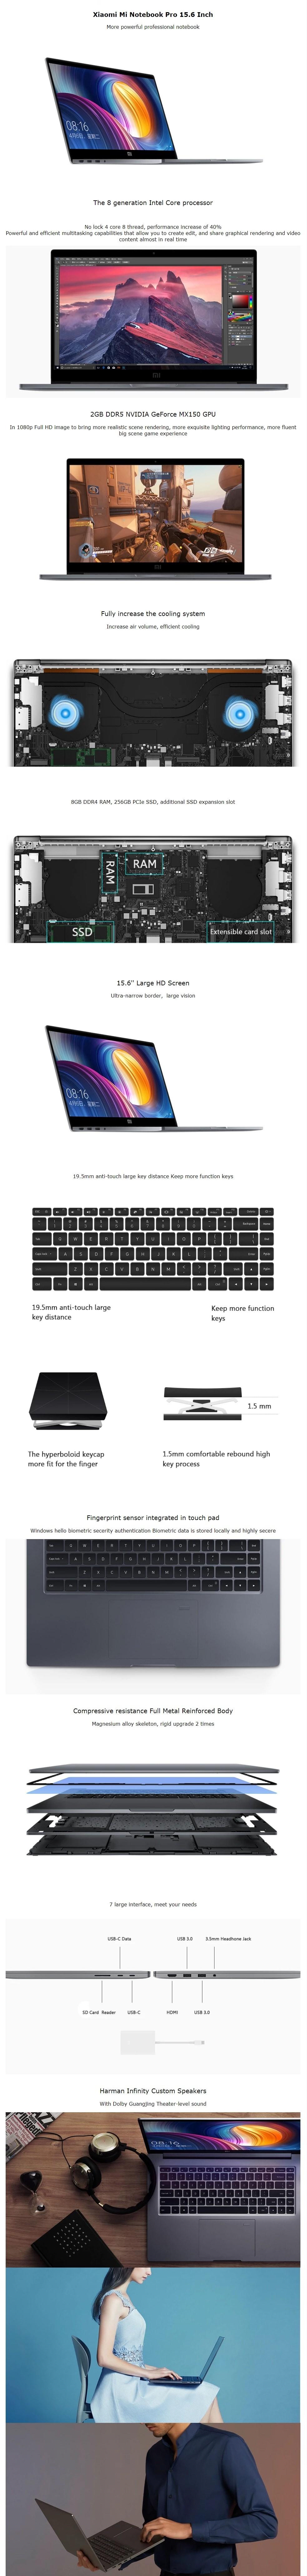 Prezentare-Mi-Notebook-Air-Pro4a3830f3ec8a5633.jpg